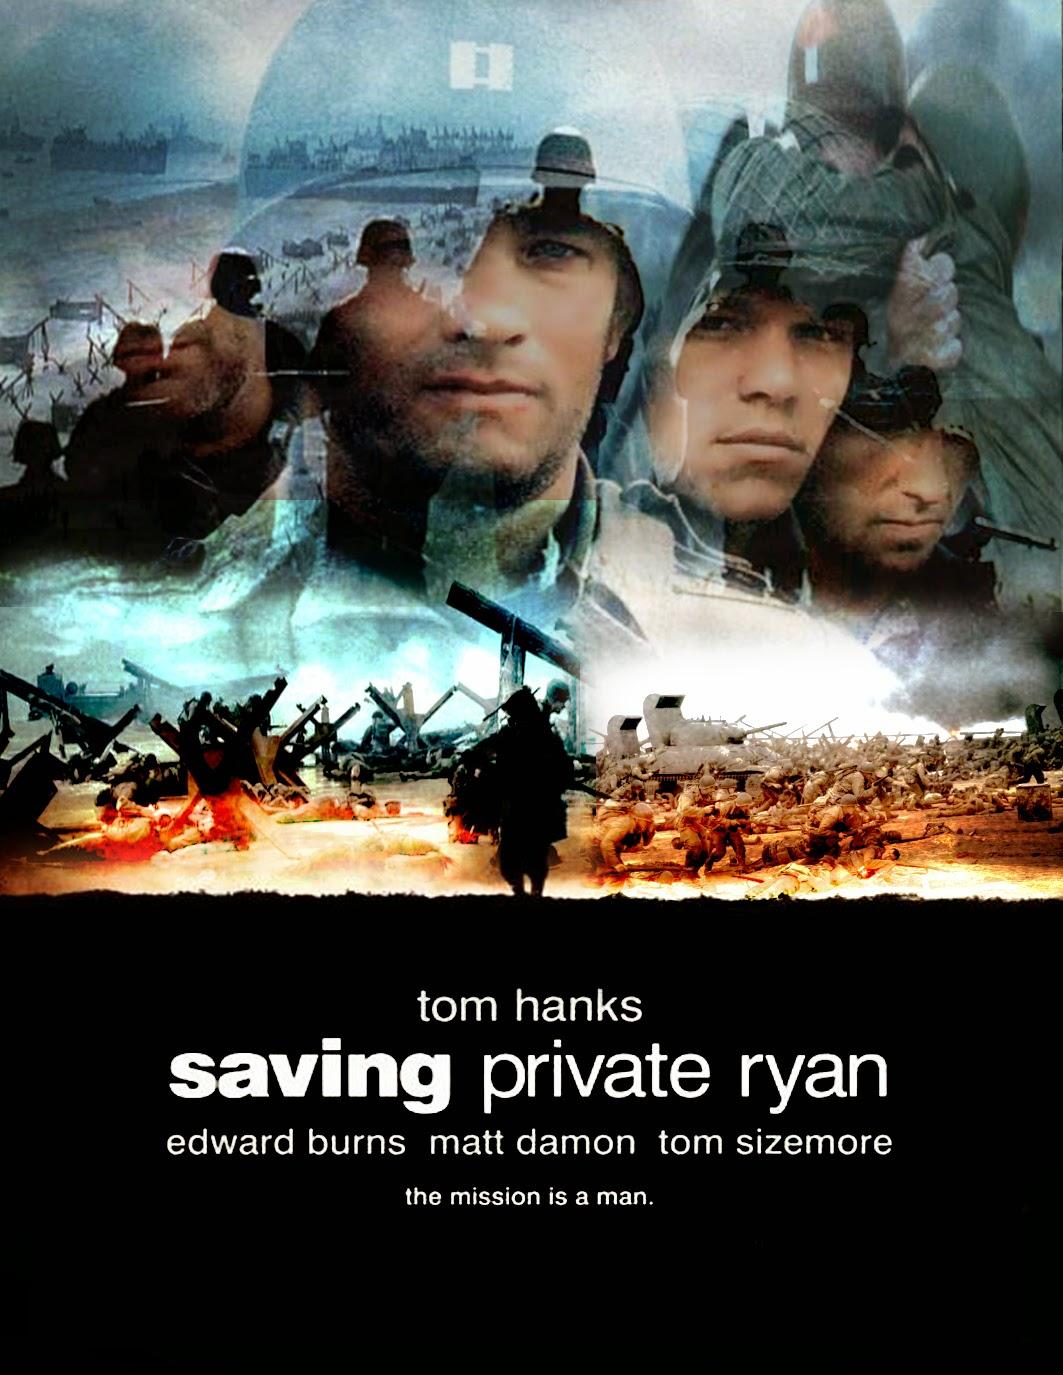 """Filme Resgate De Uma Vida in liÇÕes de estilo de lideranÇa no filme """"o resgate do soldado ryan"""